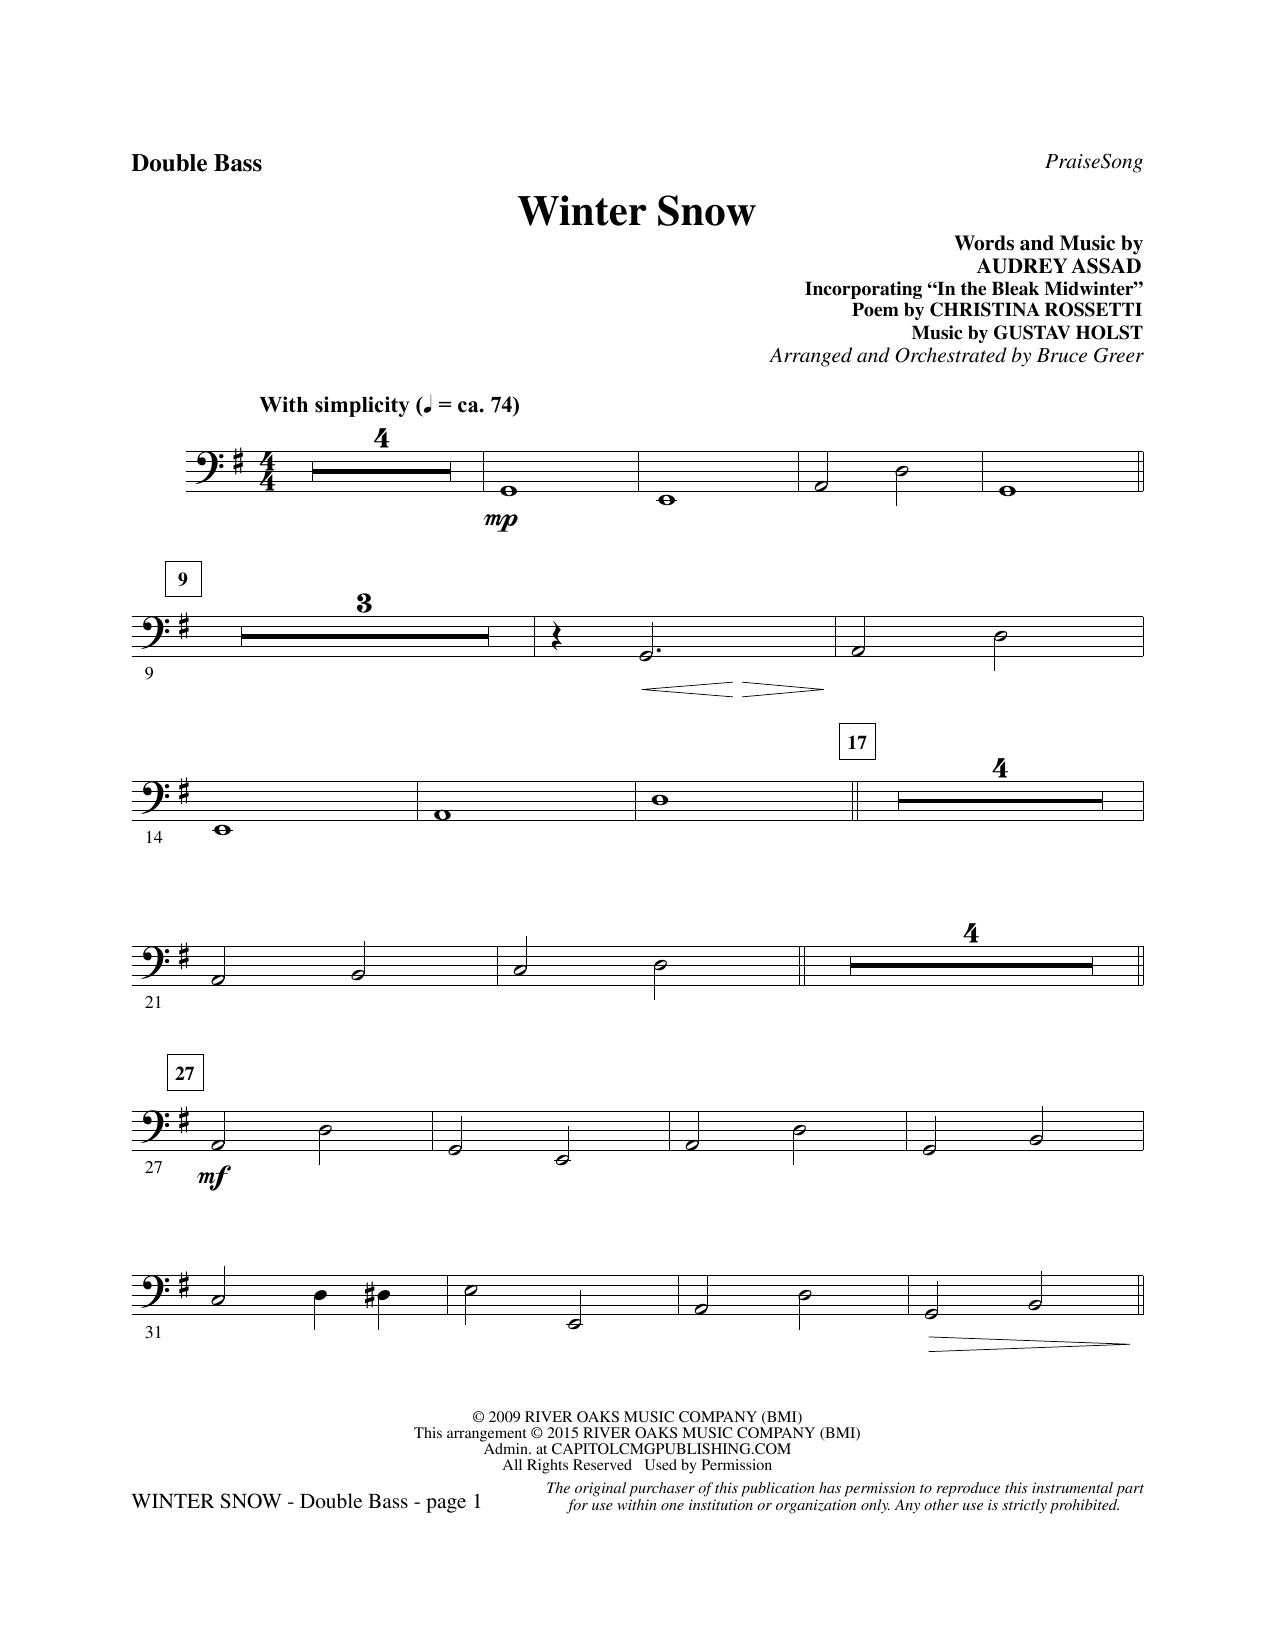 Winter Snow - Double Bass sheet music